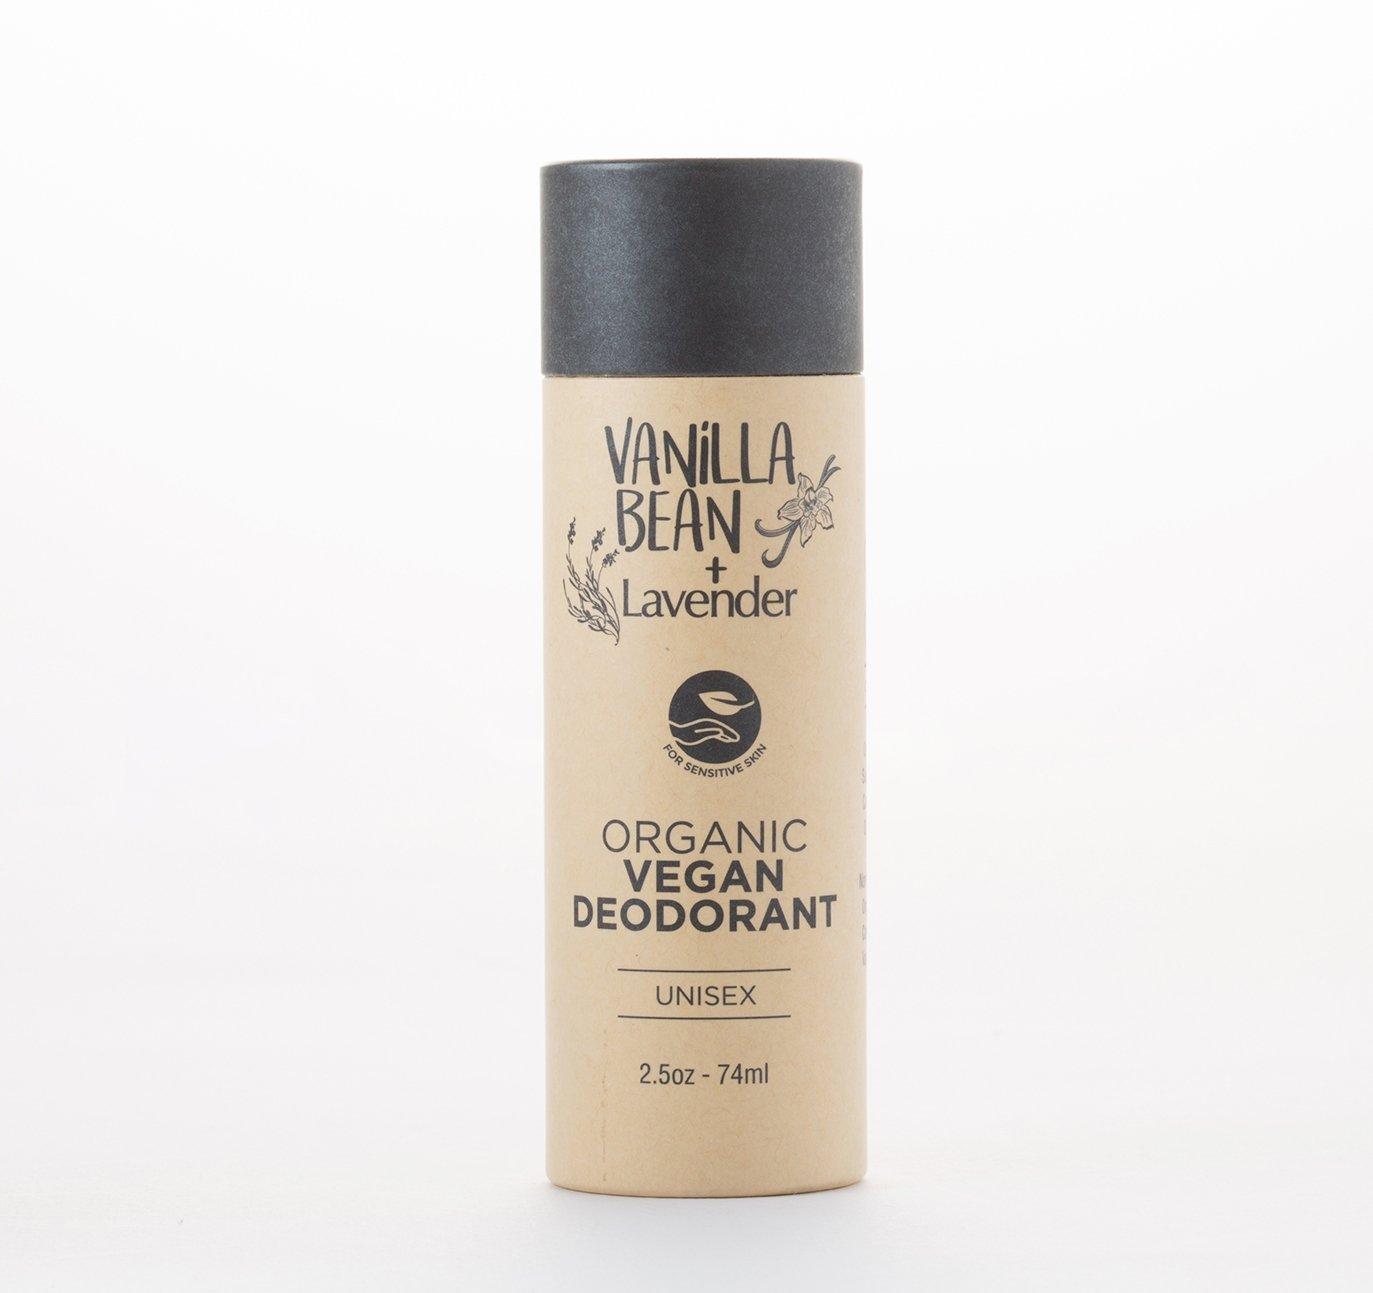 All Natural Deodorant Biodegradable Packaging